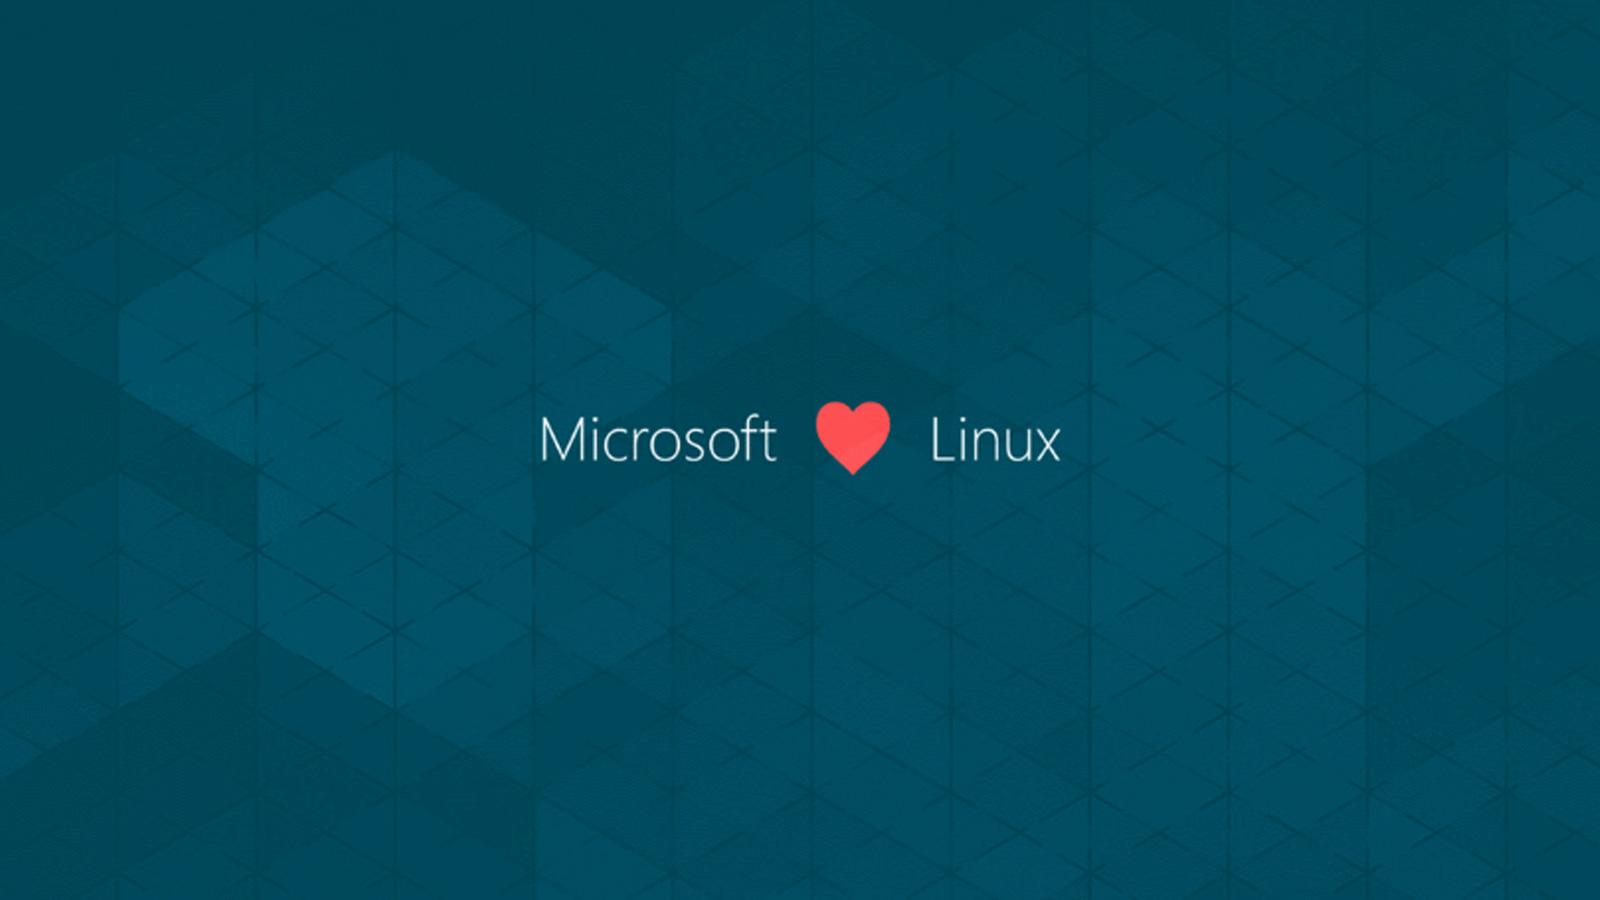 Microsoft, Linux başlığını seviyor